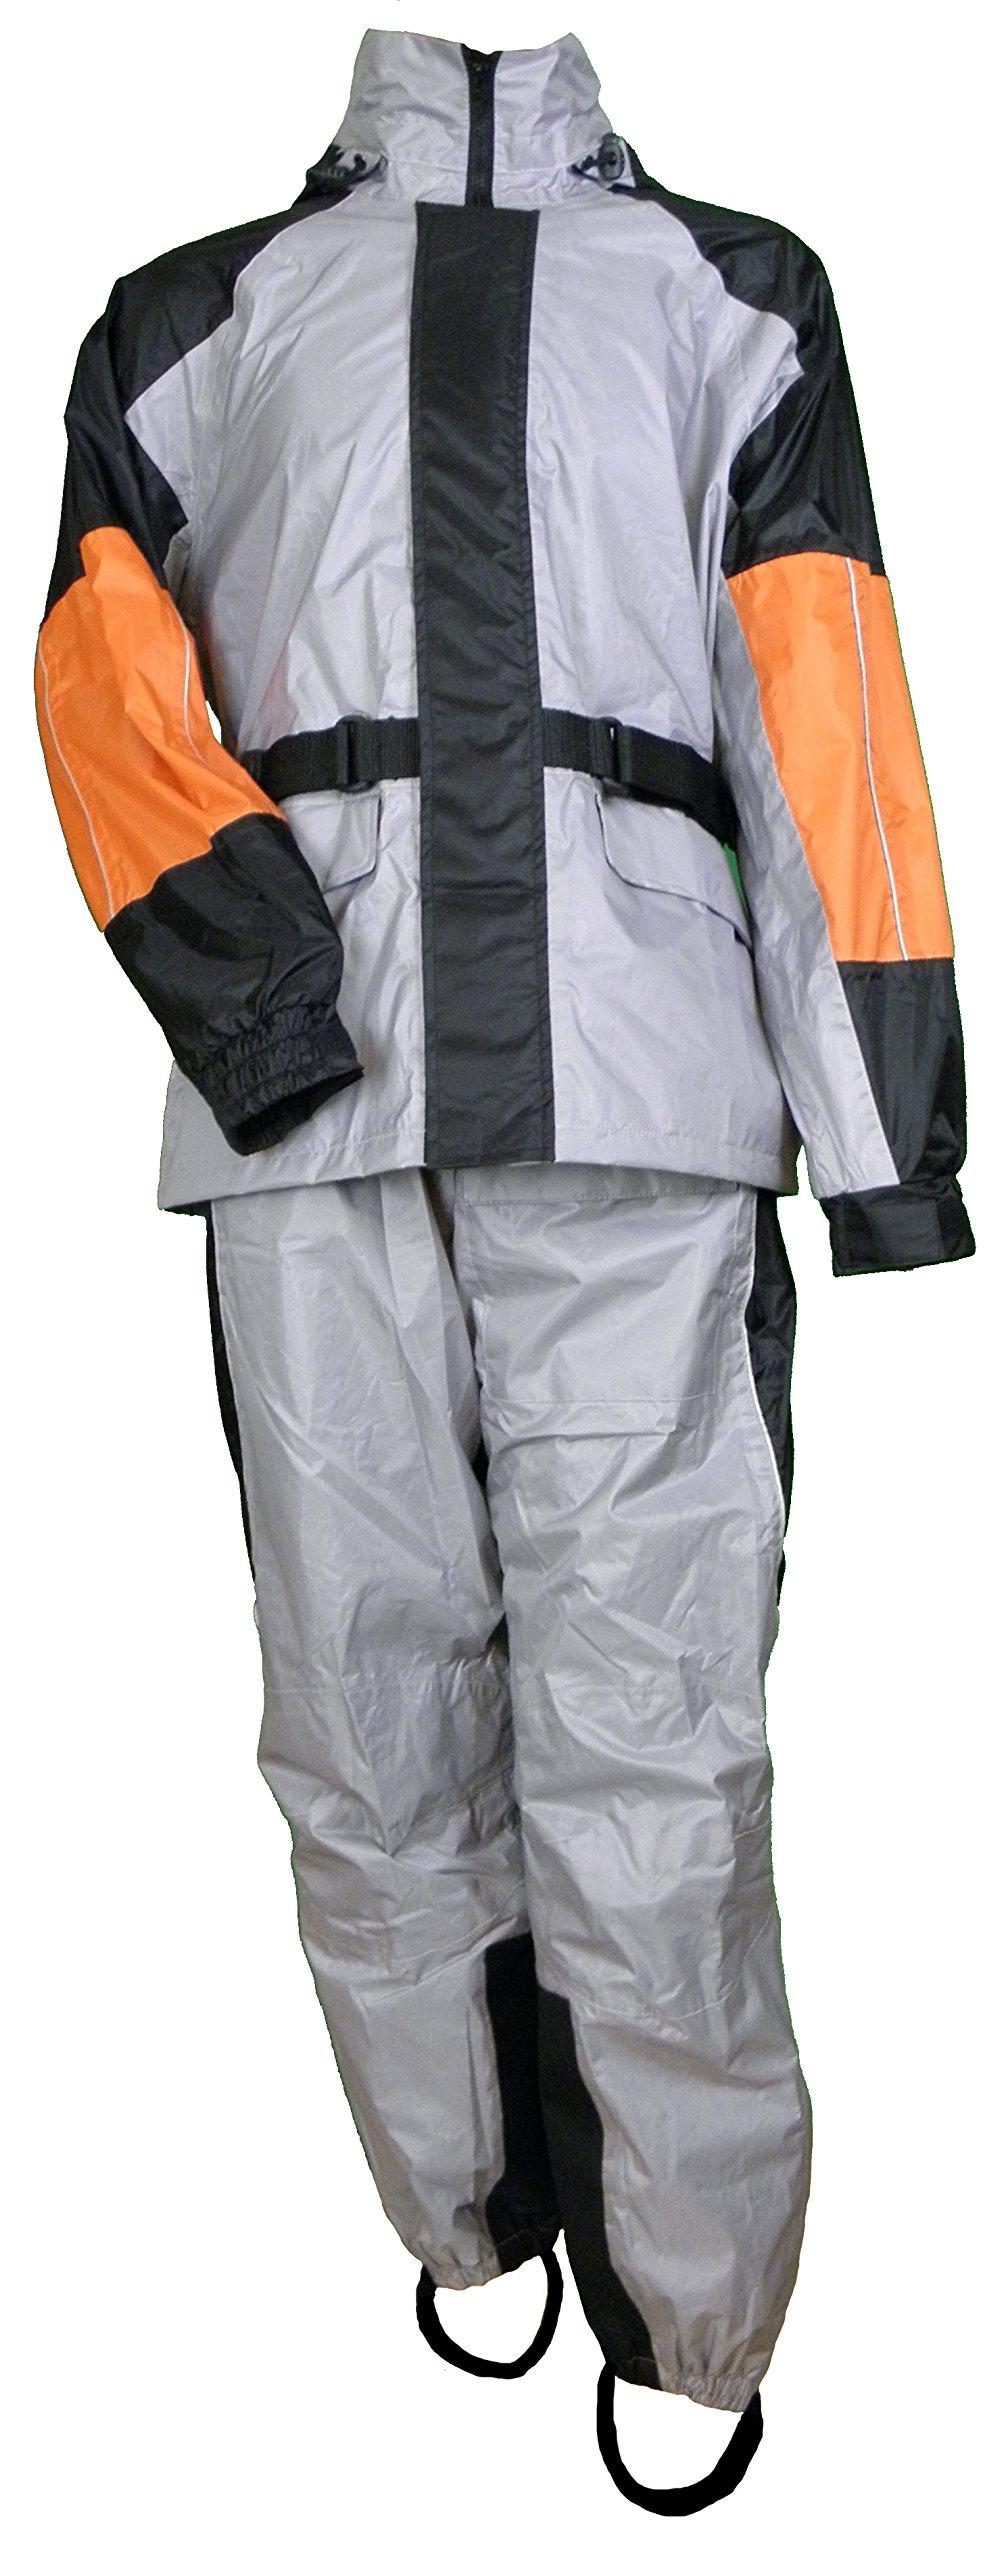 Premium Rainsuit Black/Gray & Orange